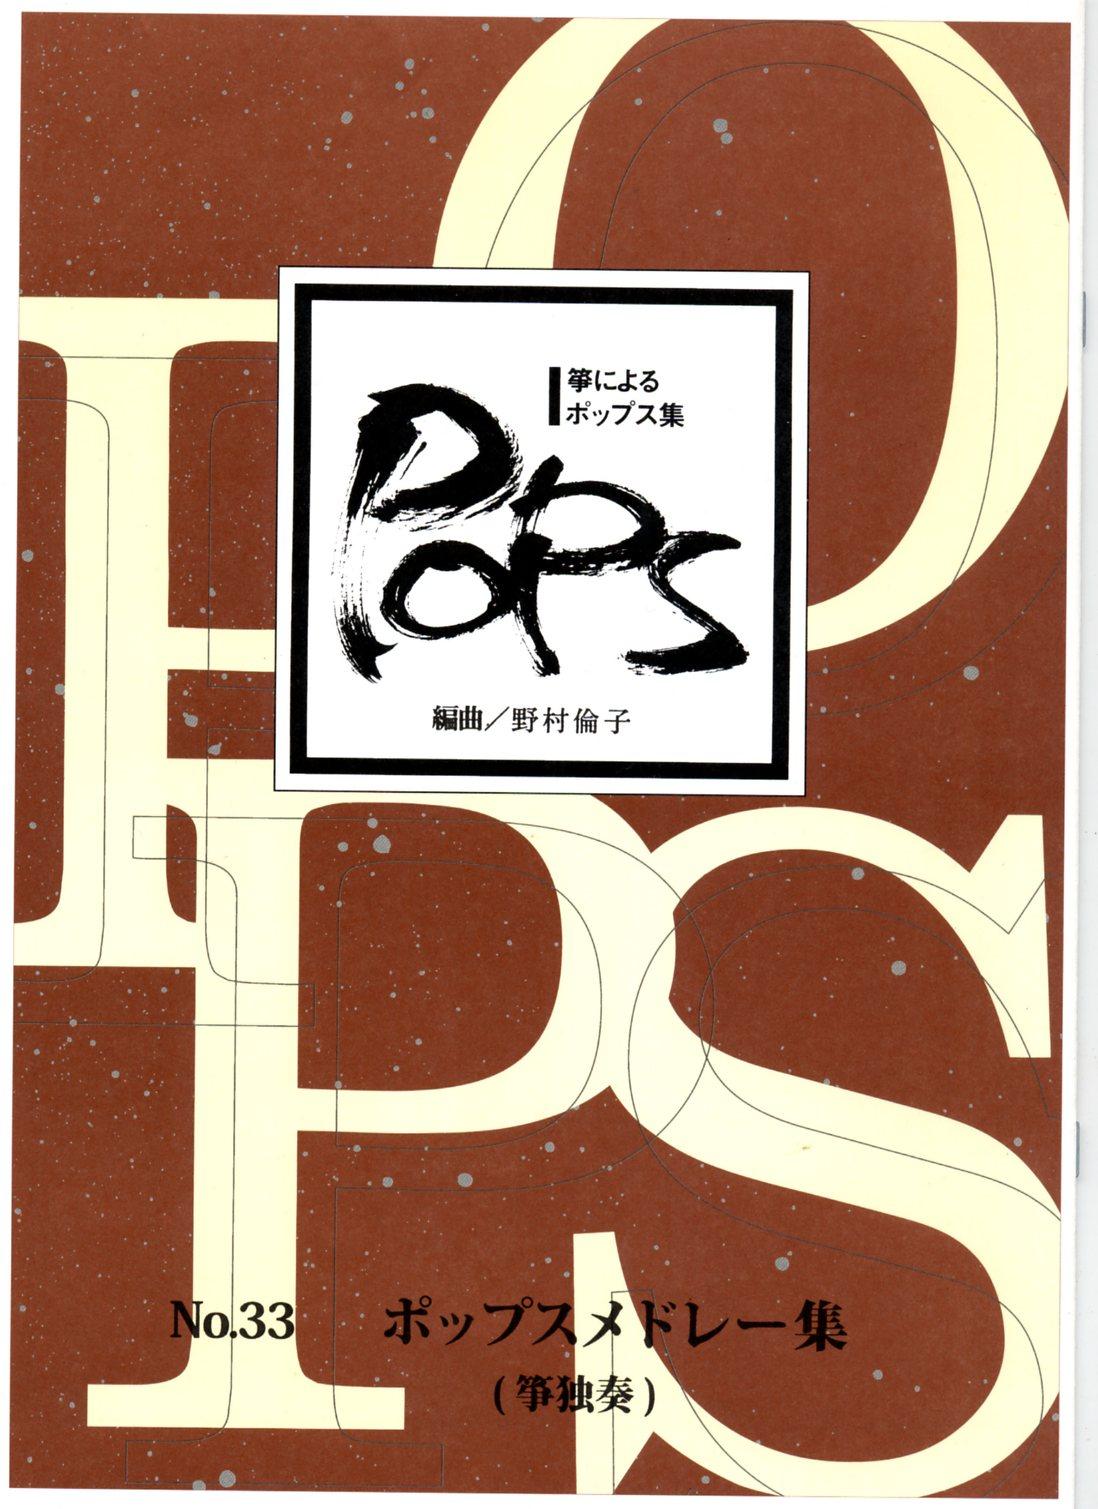 ポップスメドレー集 (箏独奏) 野村倫子画像